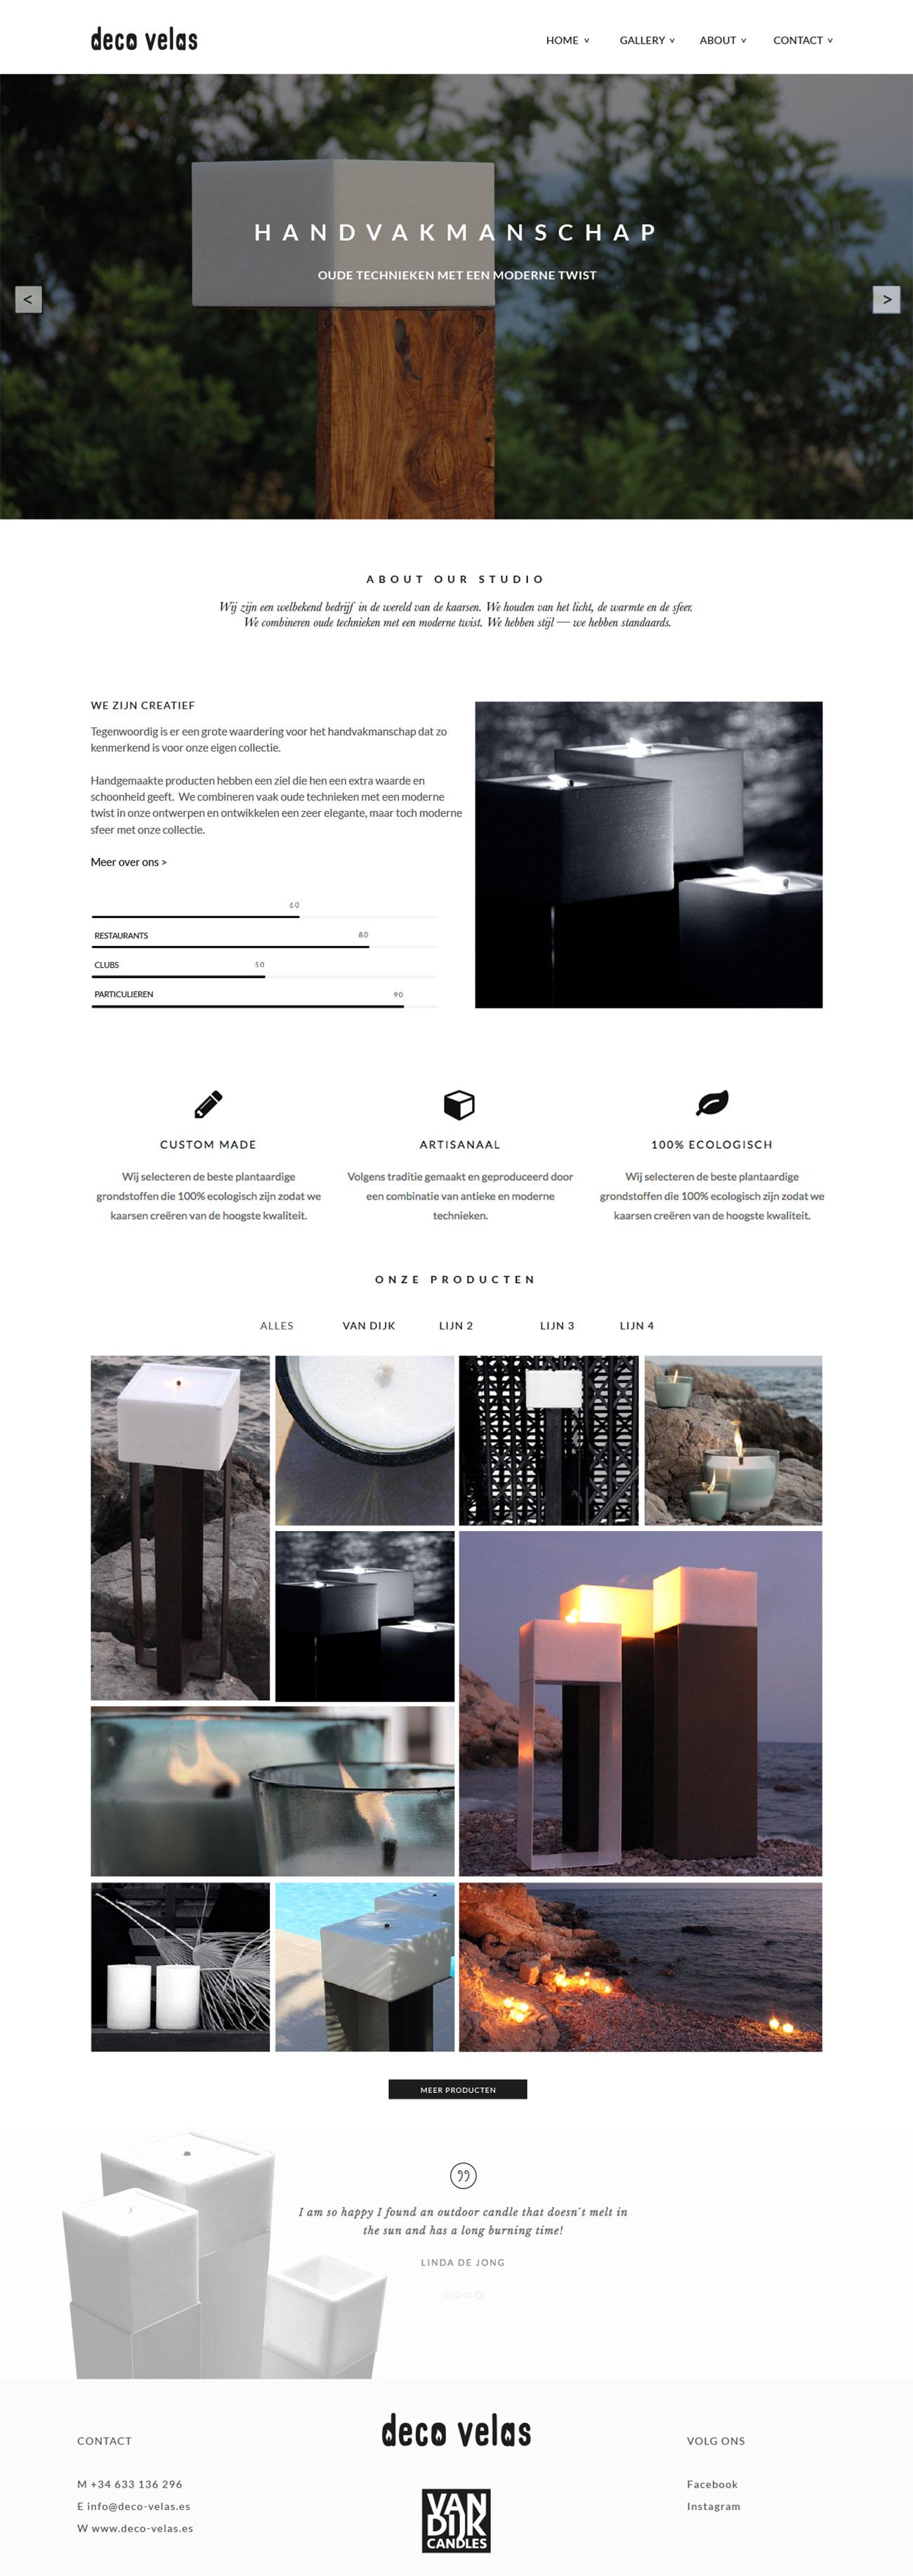 Deco Velas & Van Dijk -Webshop & Corporate Identity by Bottle Post Media